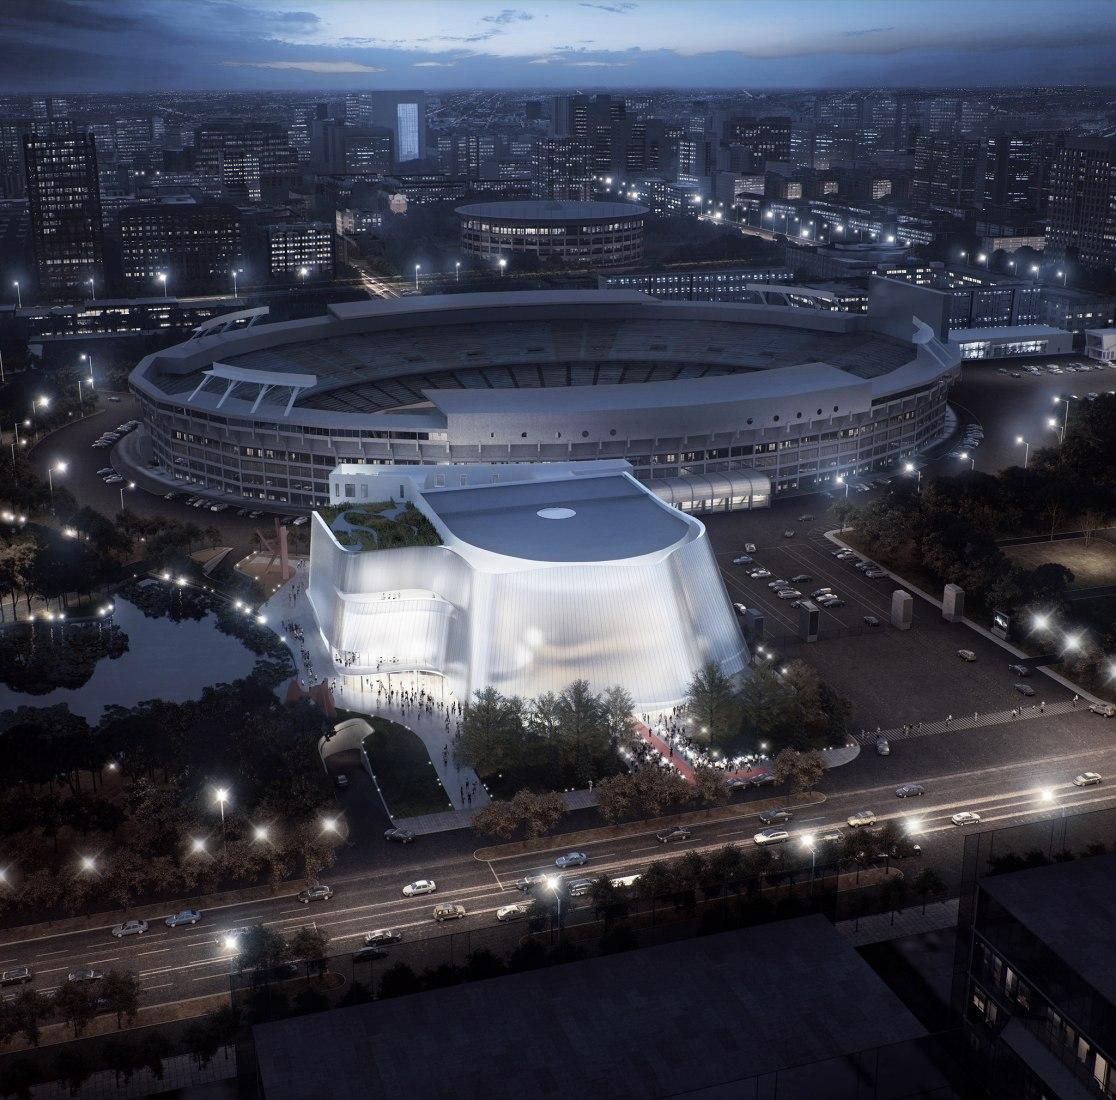 Diseño para la nueva sala de conciertos de la Filarmónica de China en Pekín por MAD Architects.